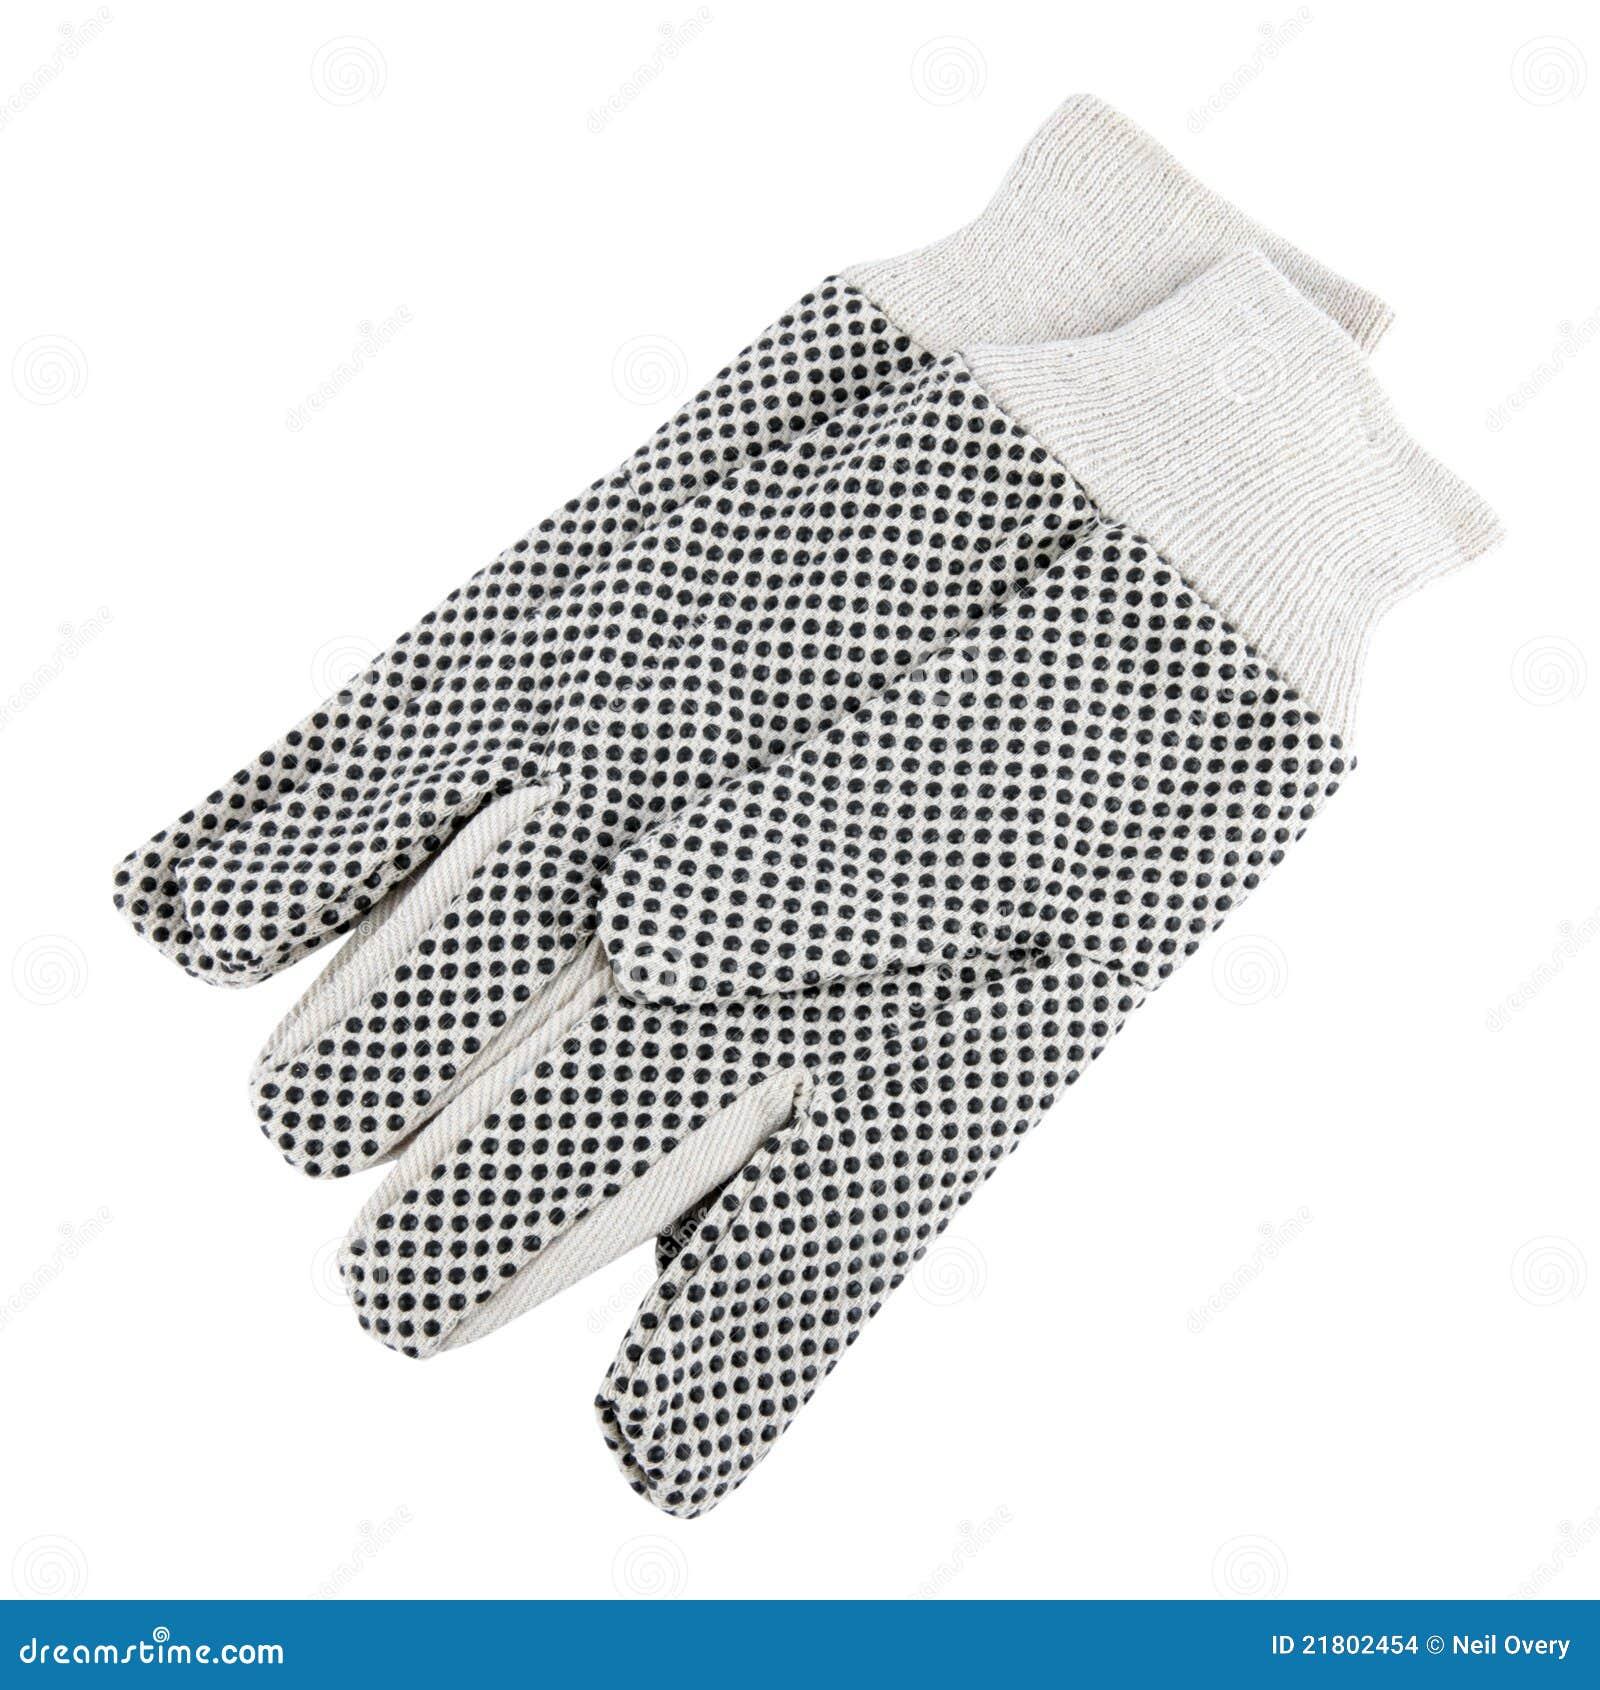 background cutout gardening gloves